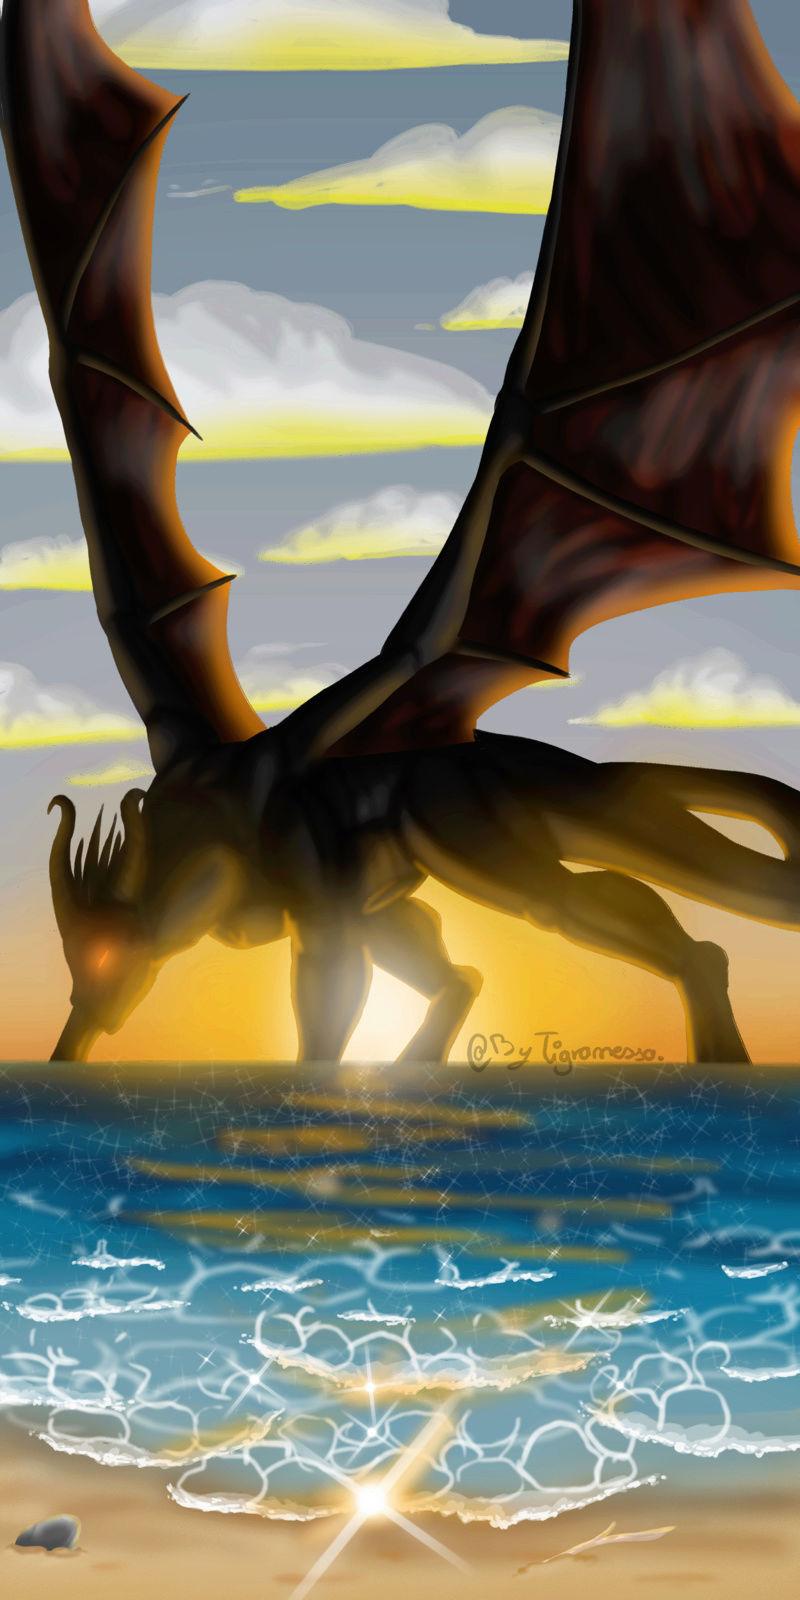 ~Défi lancé par Jormungandr: Illustration du RP sur l'ile Jan Mayen~ Intro_10